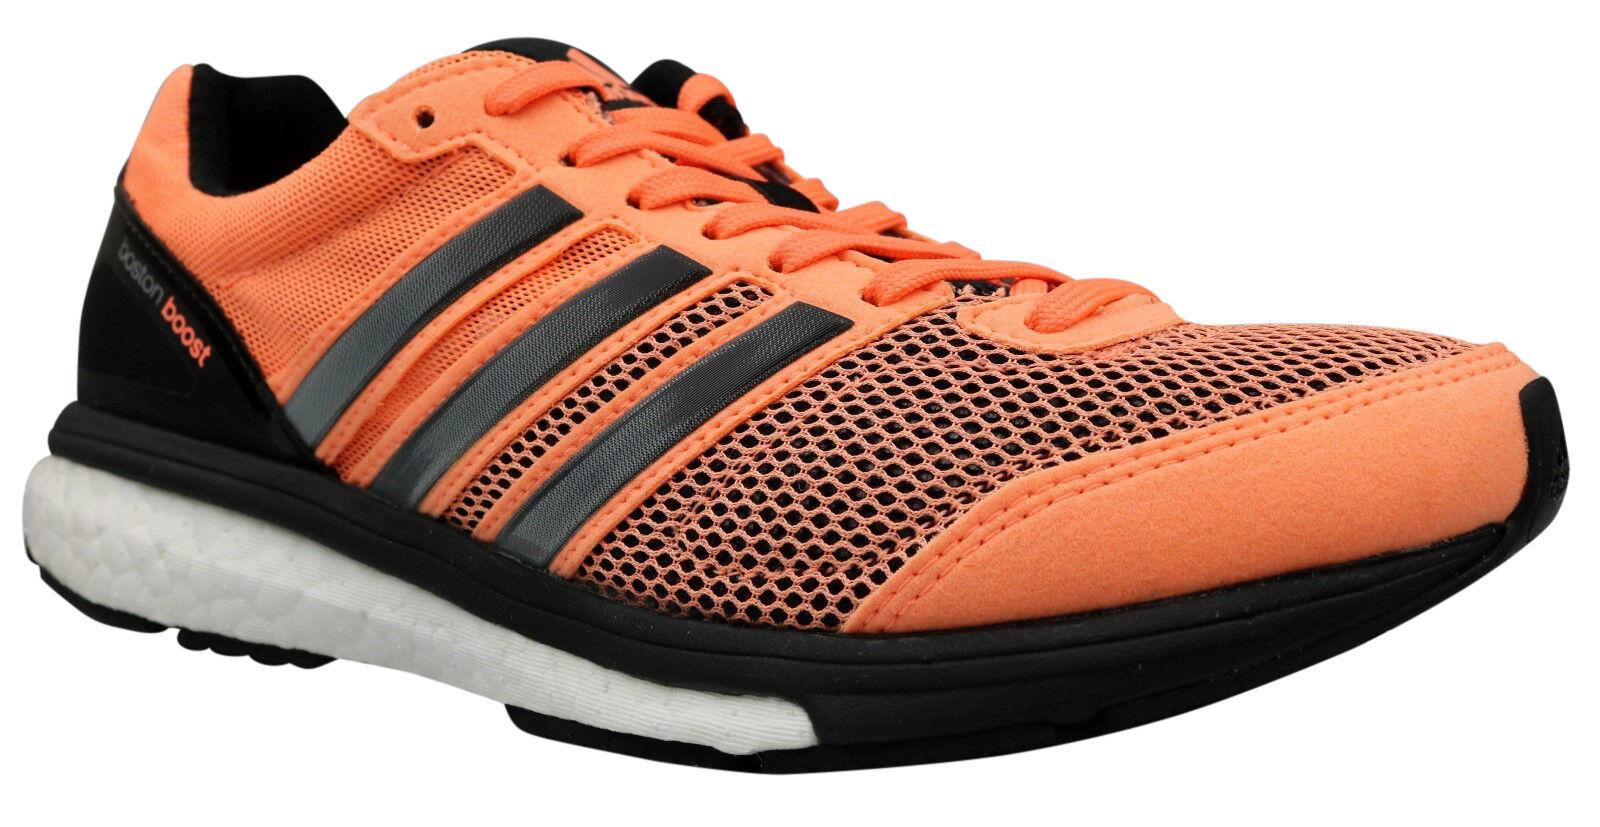 Adidas adizero boston Boost para 5 damas de zapatillas para Boost correr b40471 talla 36,5  40 nuevo & OVP c39aad